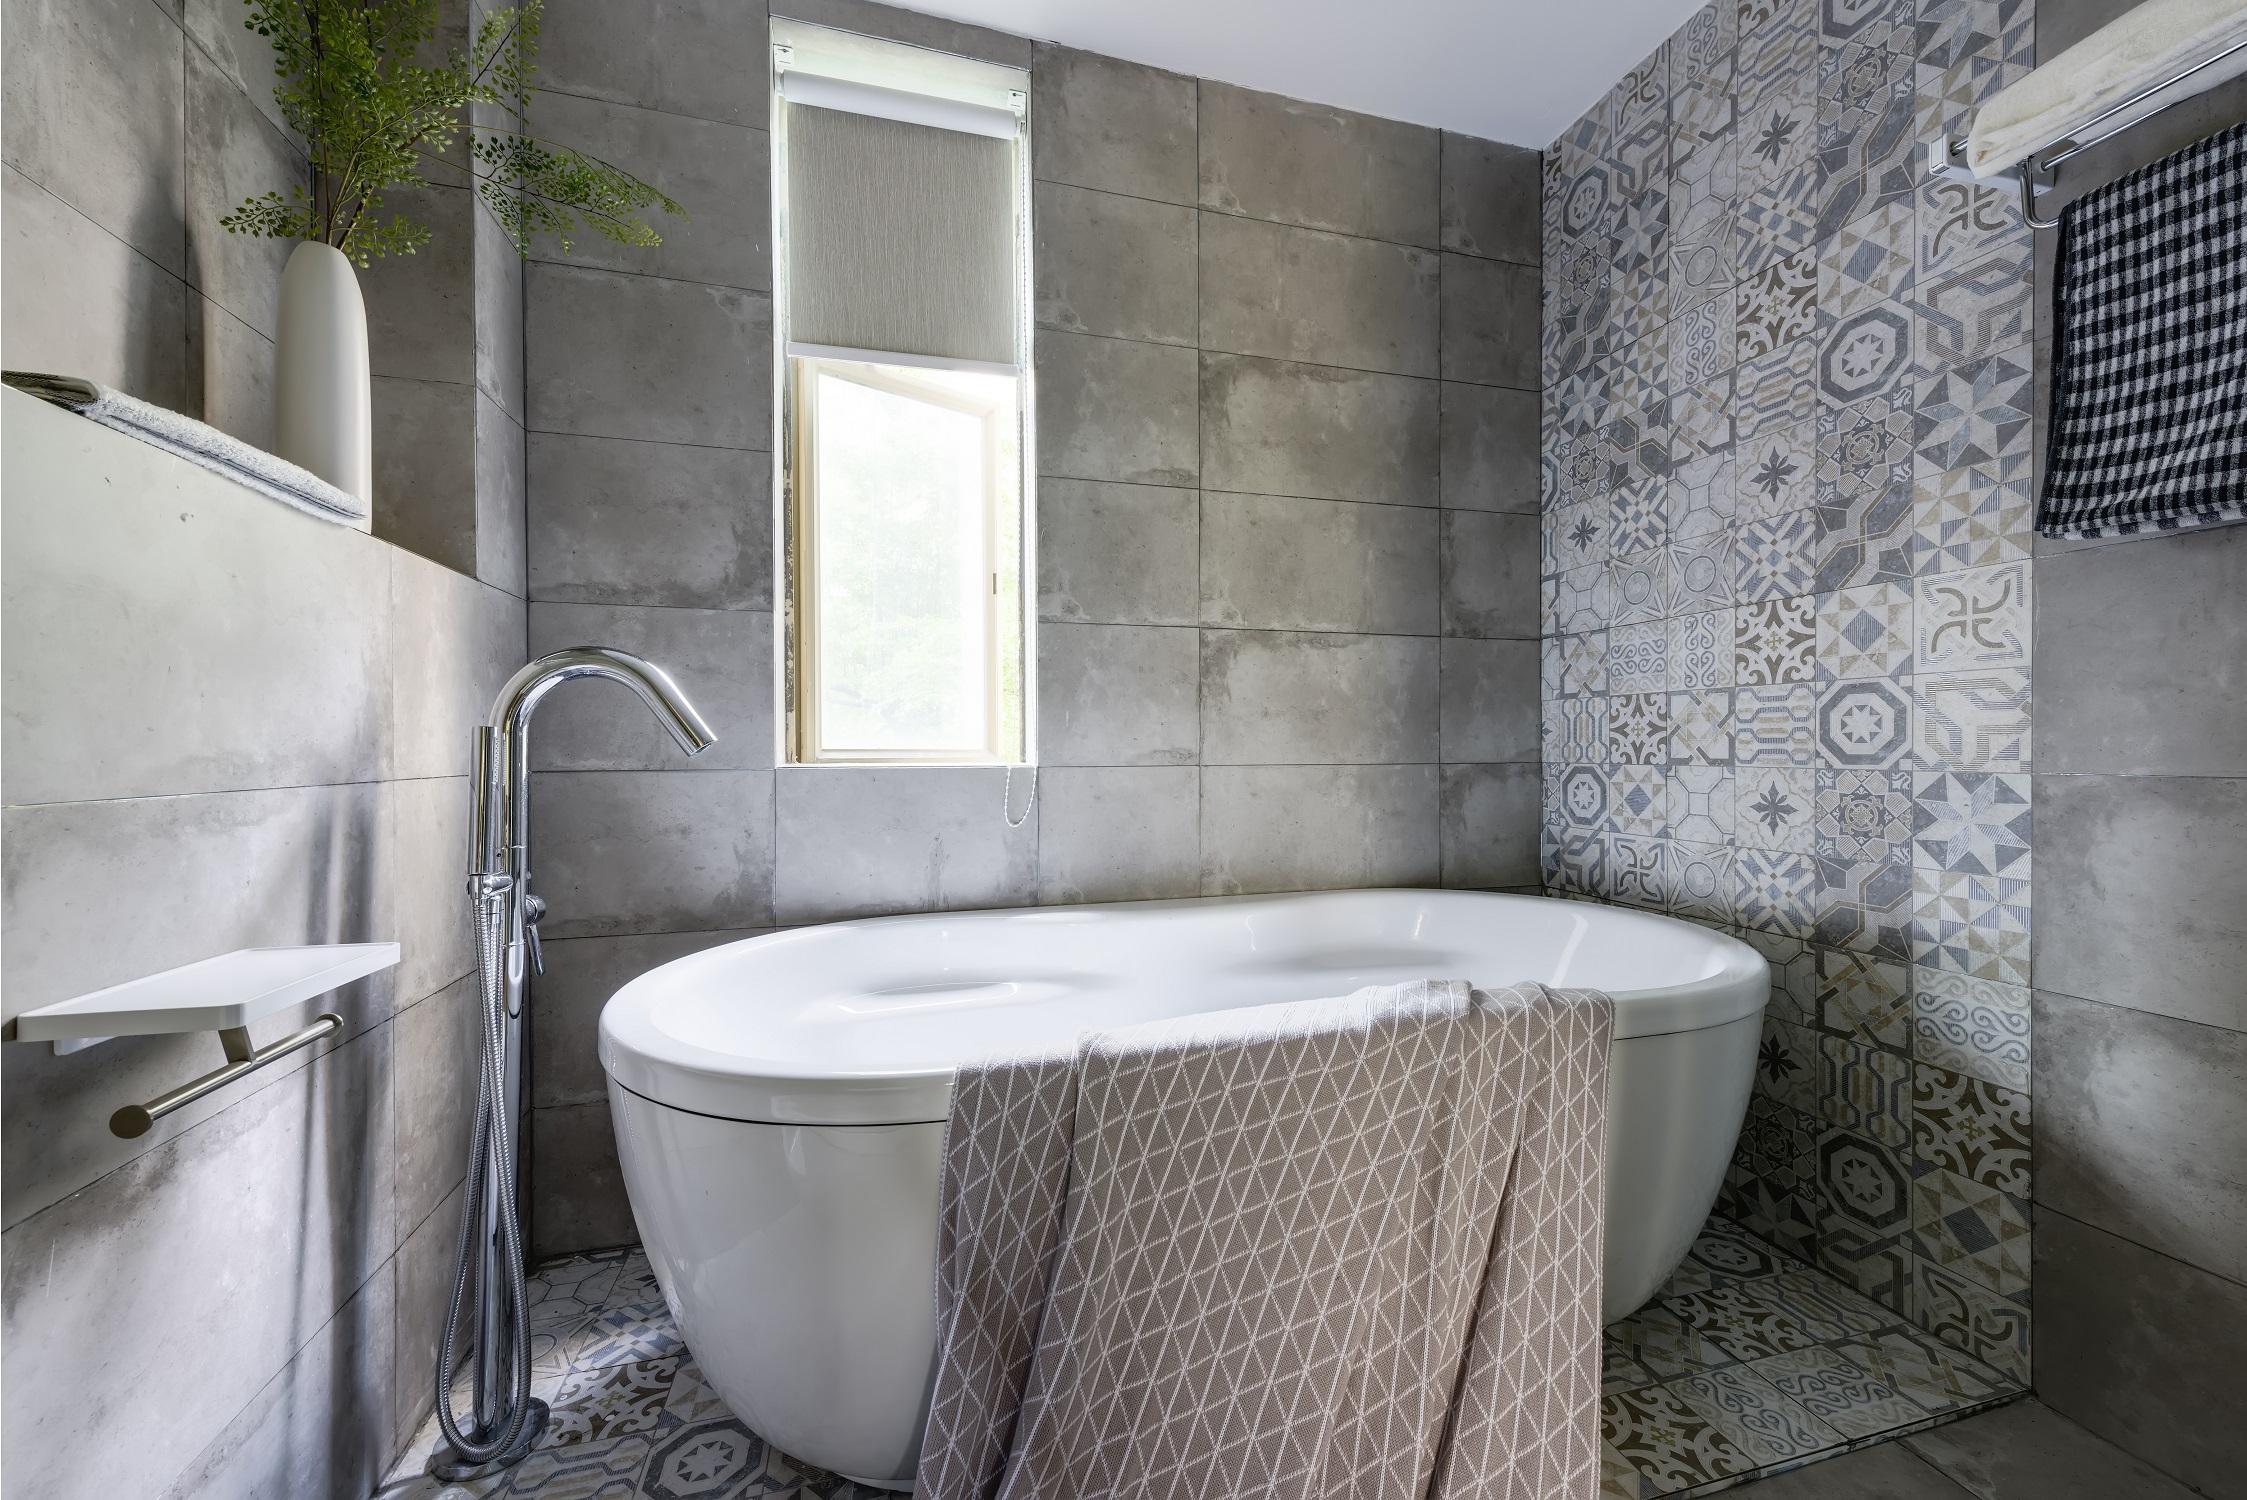 180㎡混搭风格装修浴缸图片